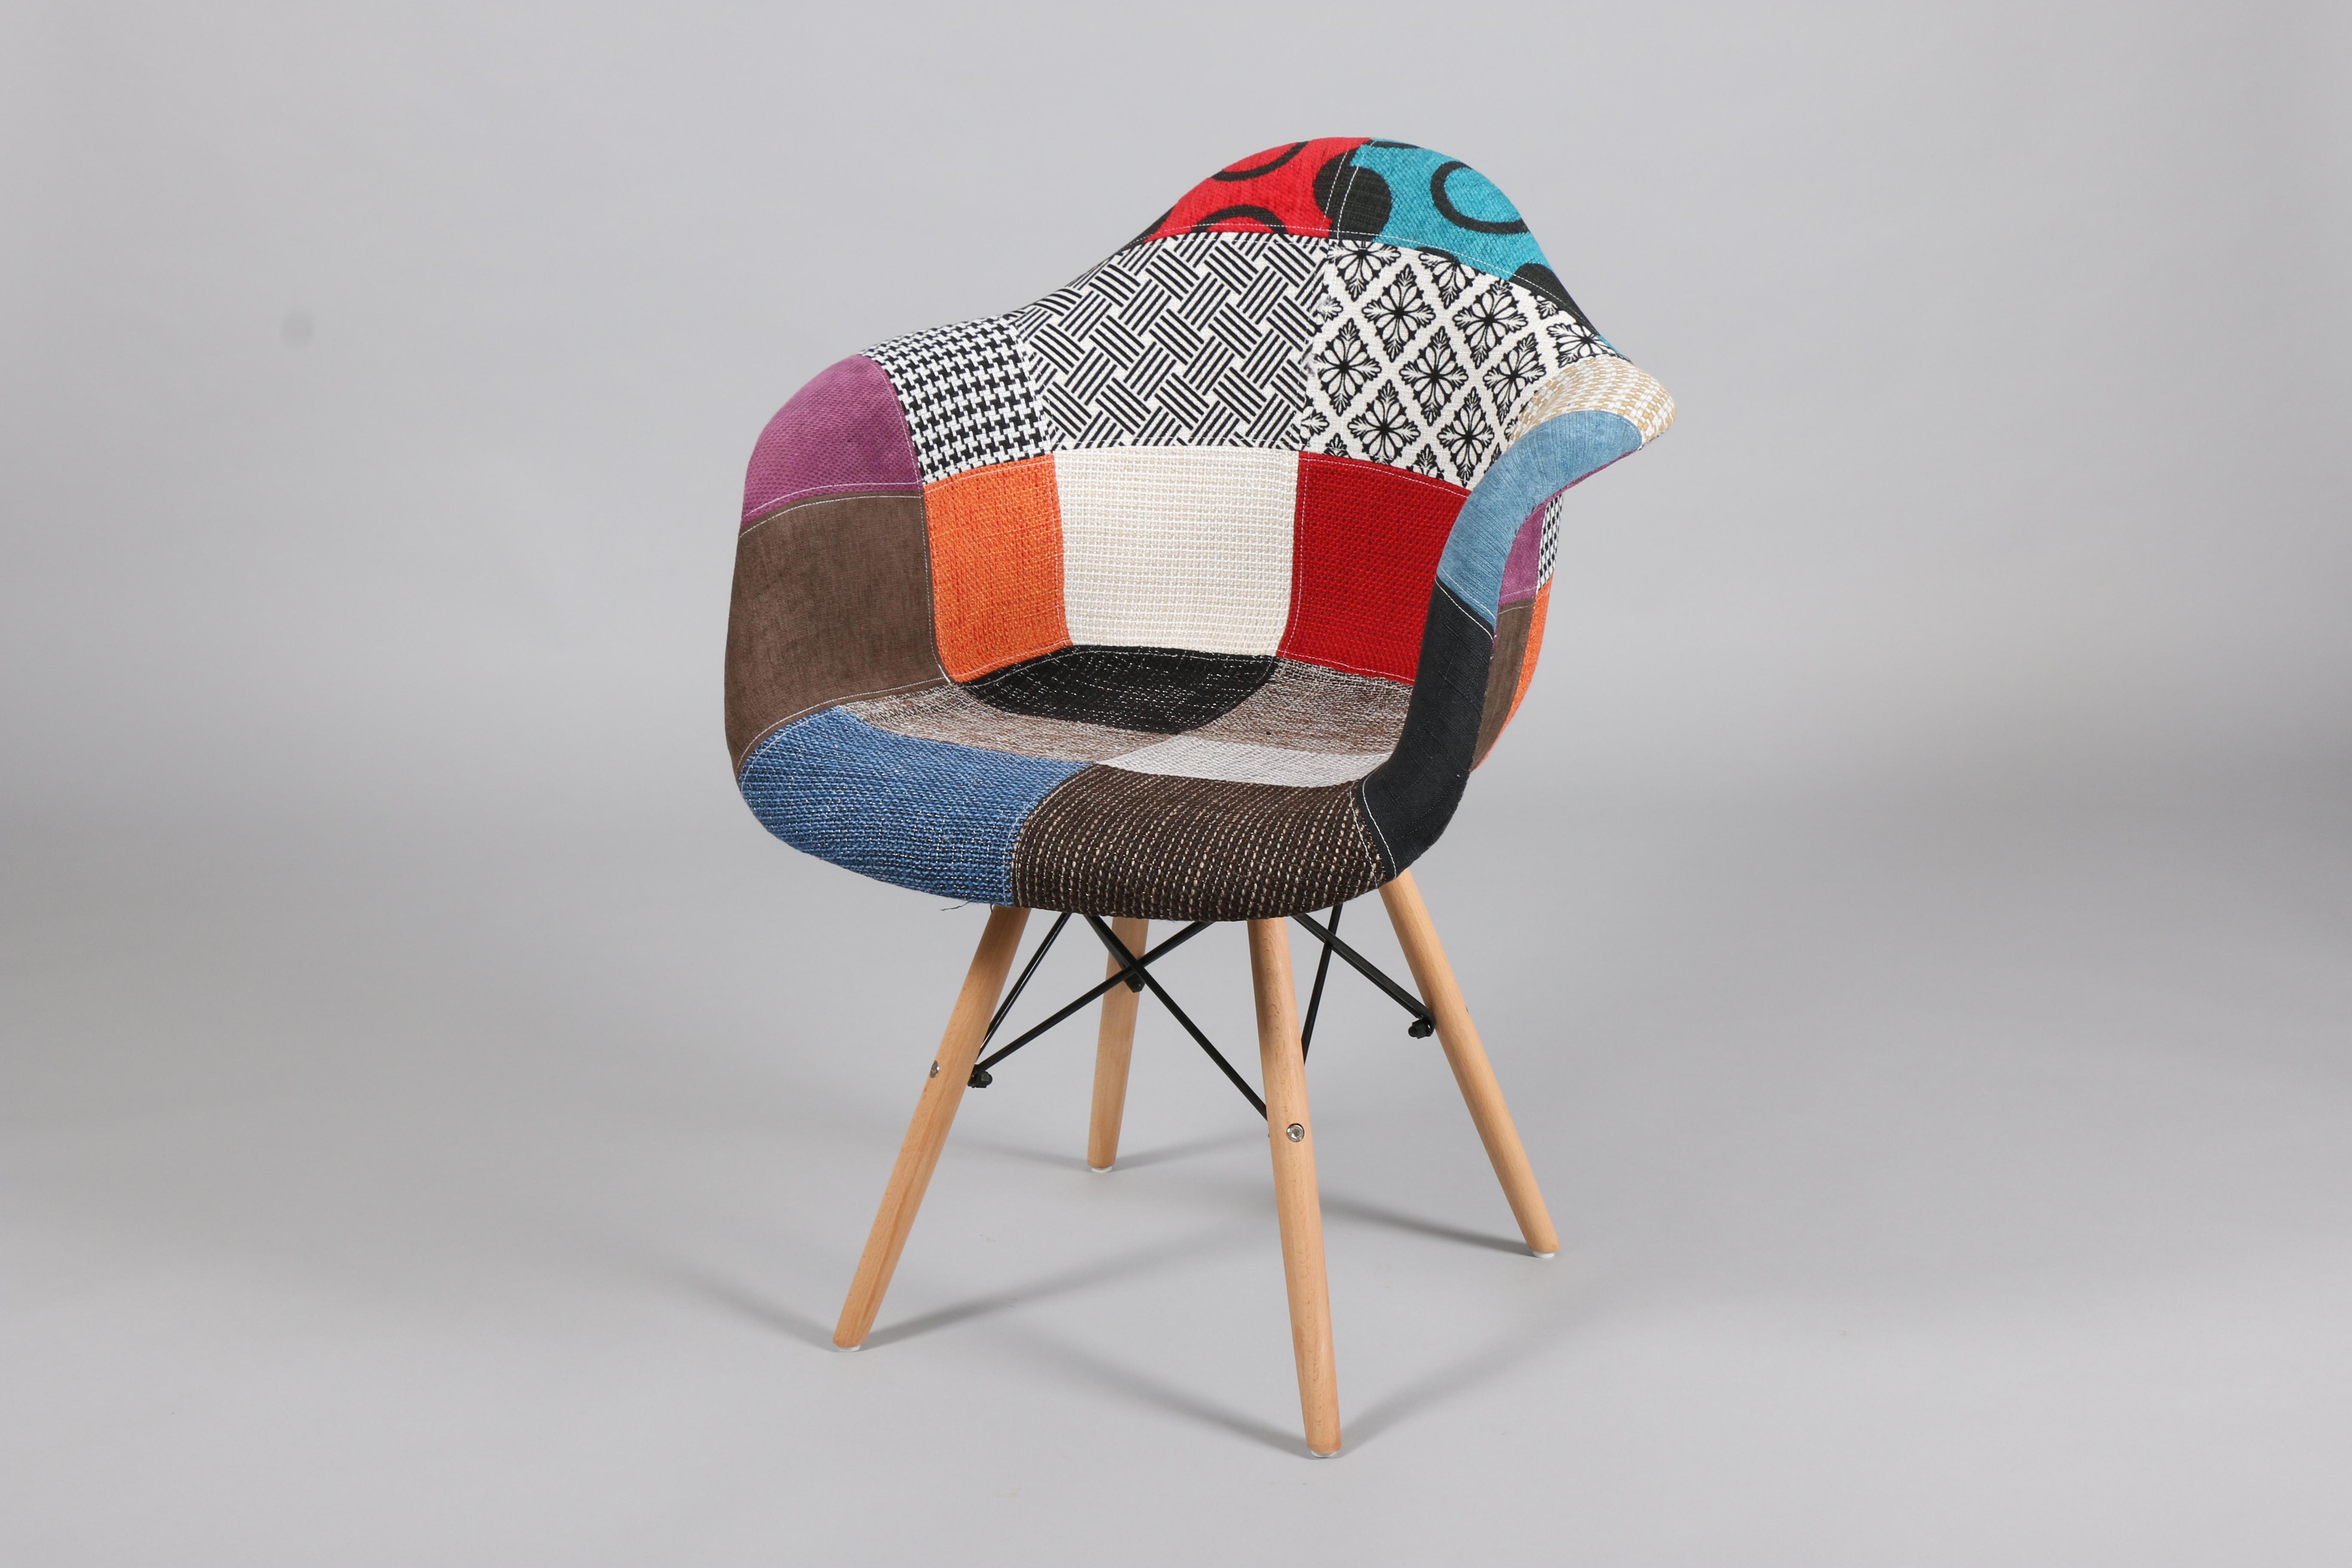 Тапициран стол с дамаска пачуорк с дървени крака